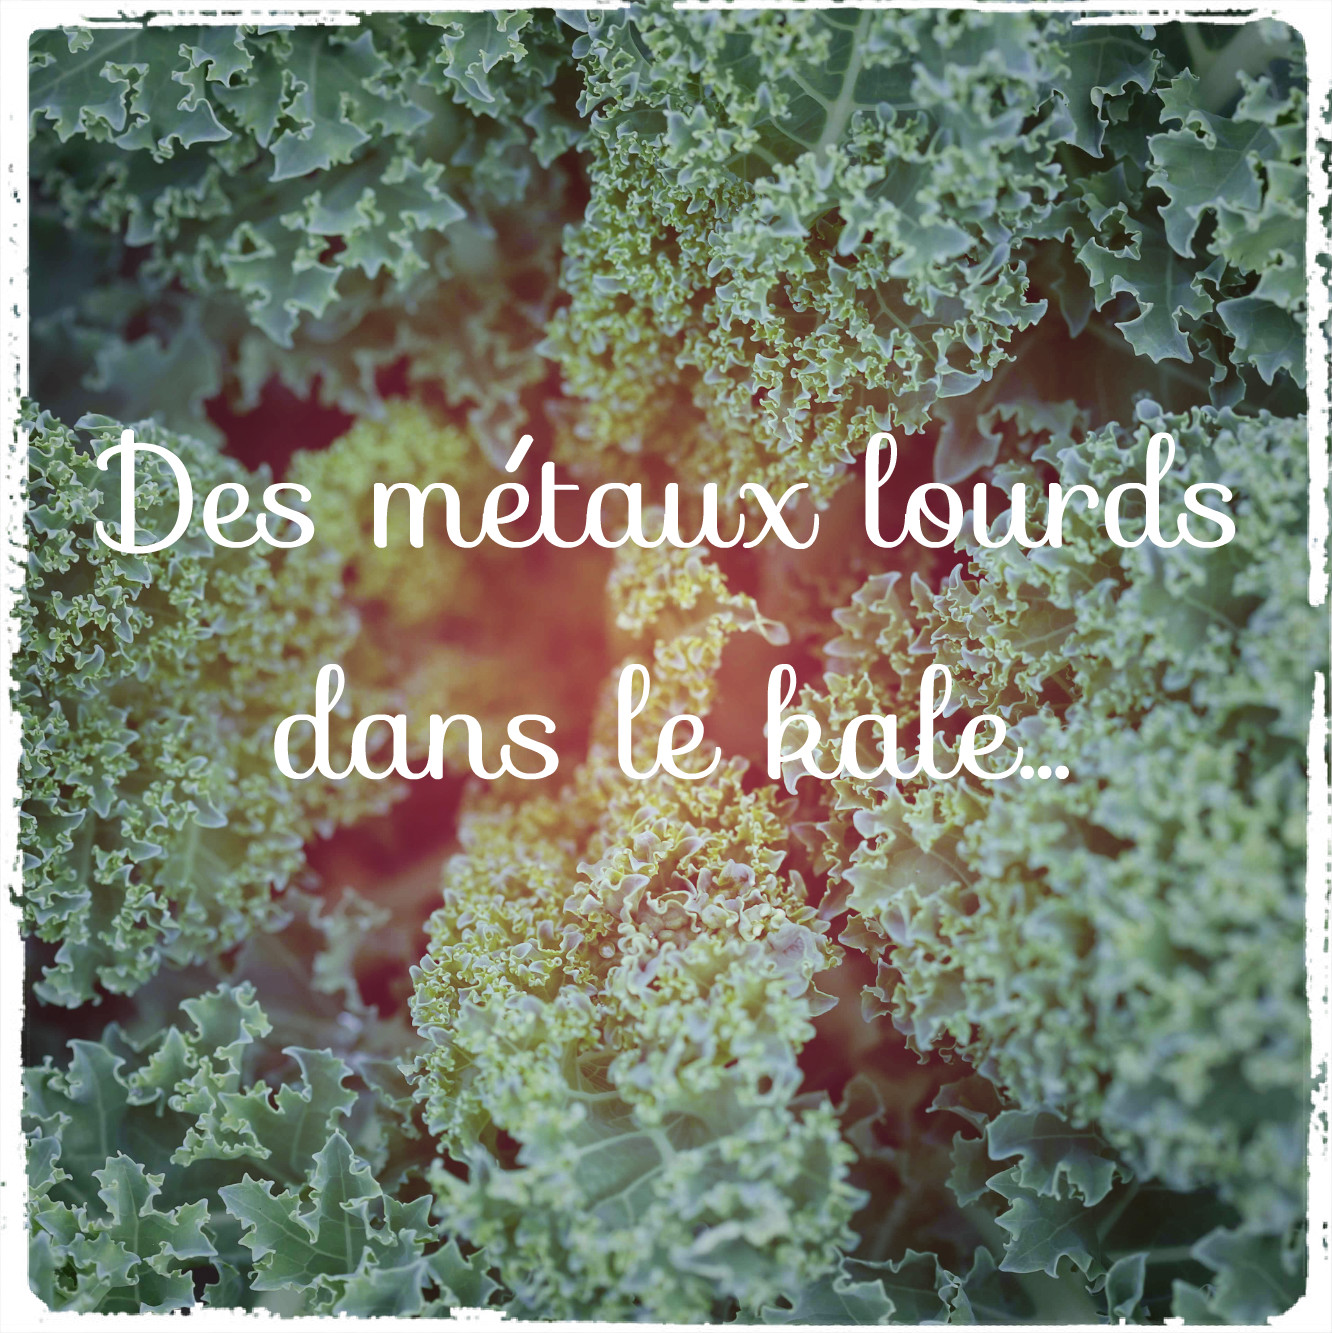 Le kale, ce chou empoisonné…